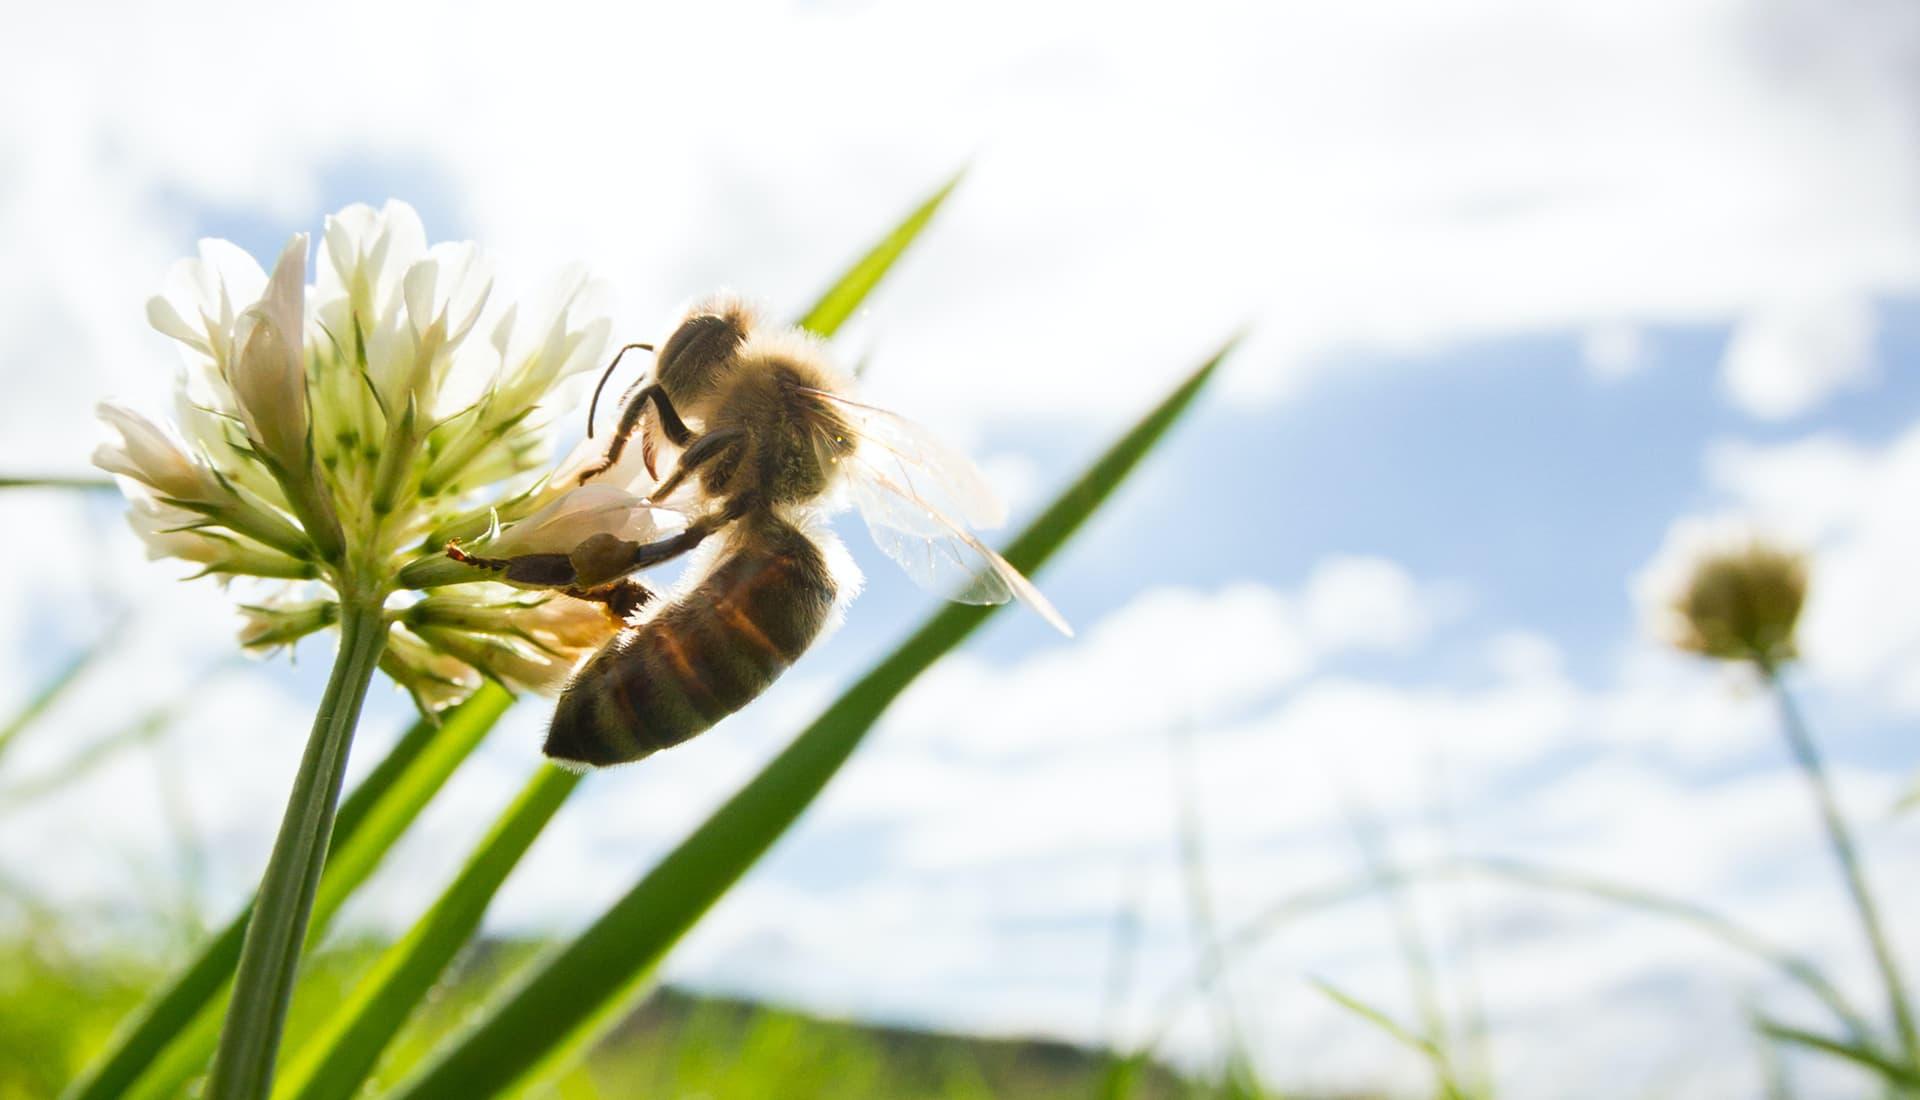 https://www.honeysource.com/wp-content/uploads/2021/05/bee-on-clover.jpg